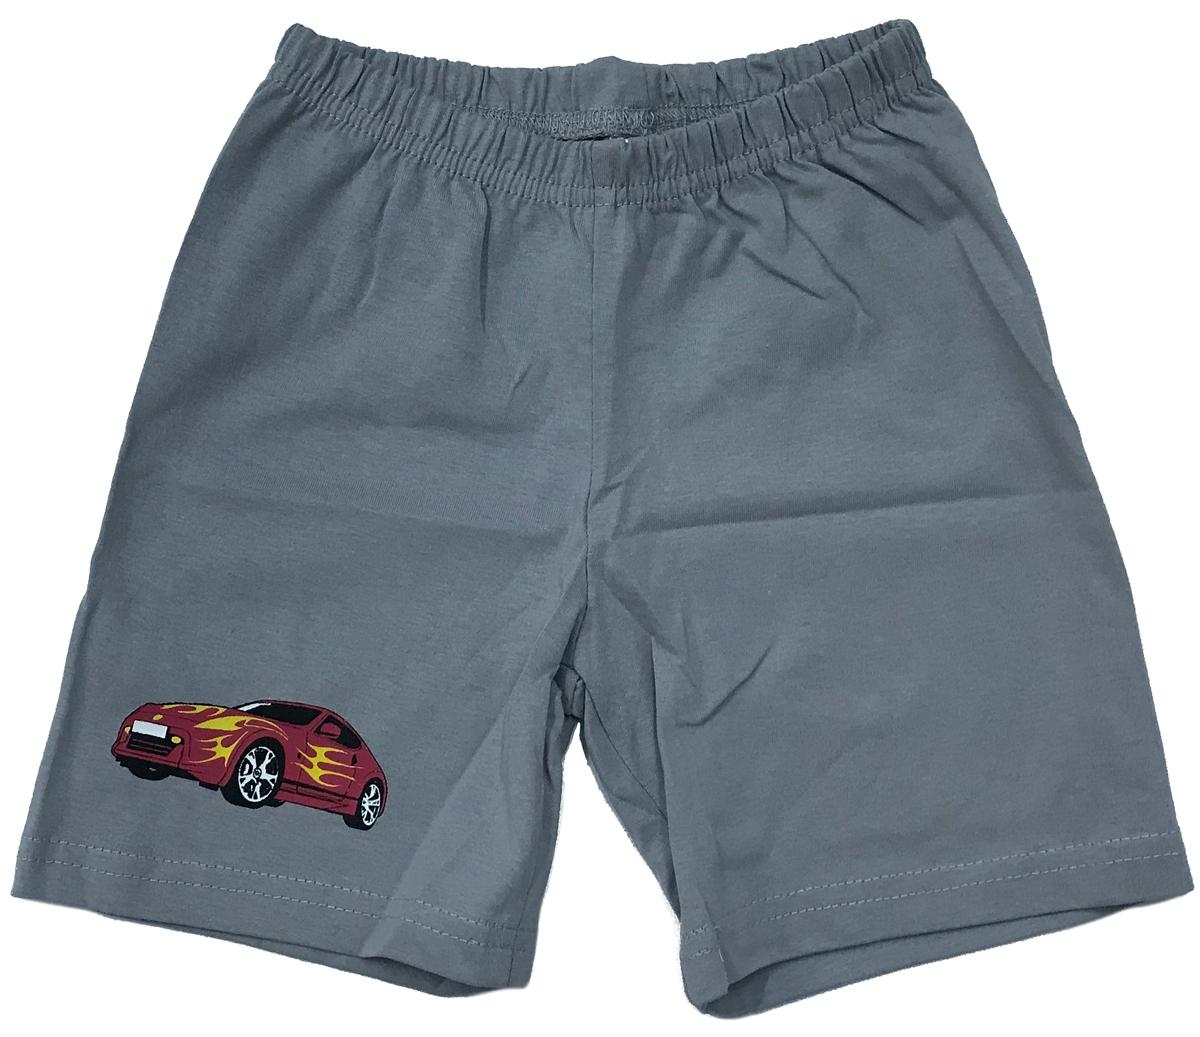 Шорты для мальчика Arge Fashion, цвет: серый. УЗТ-ШМ-001-4. Размер 98УЗТ-ШМ-001-4